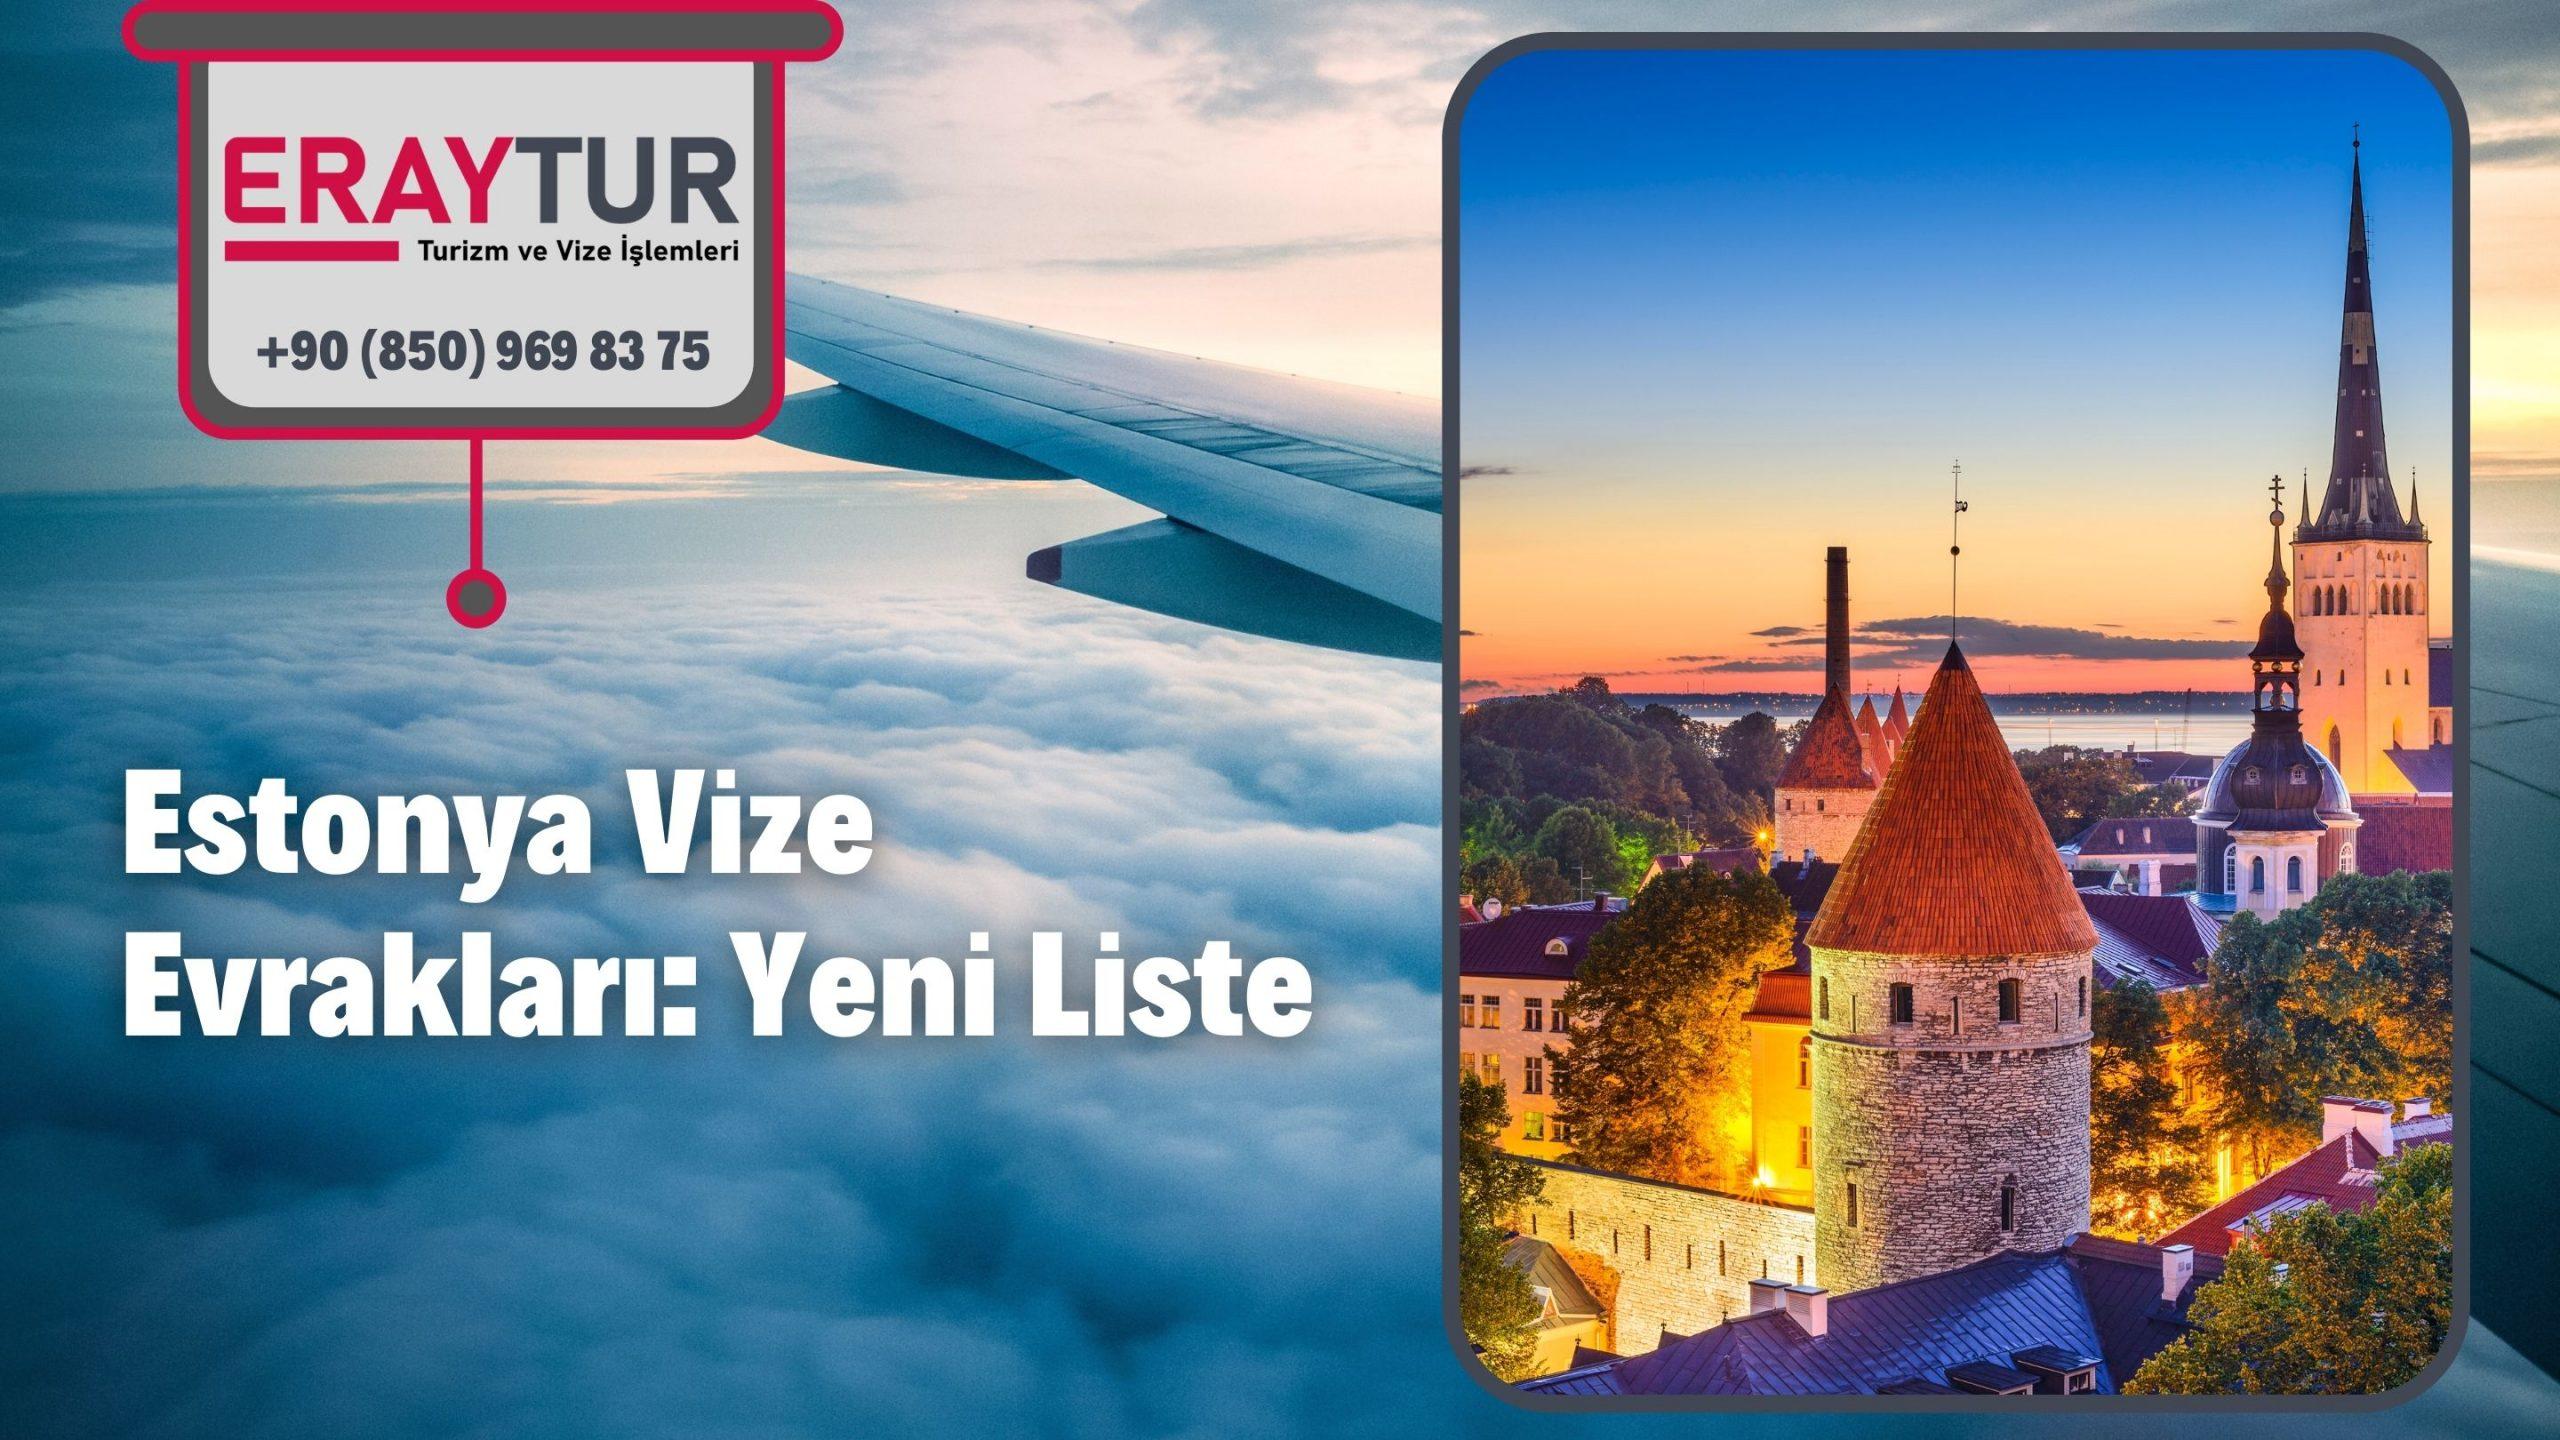 Estonya Vize Evrakları: Yeni Liste [2021]